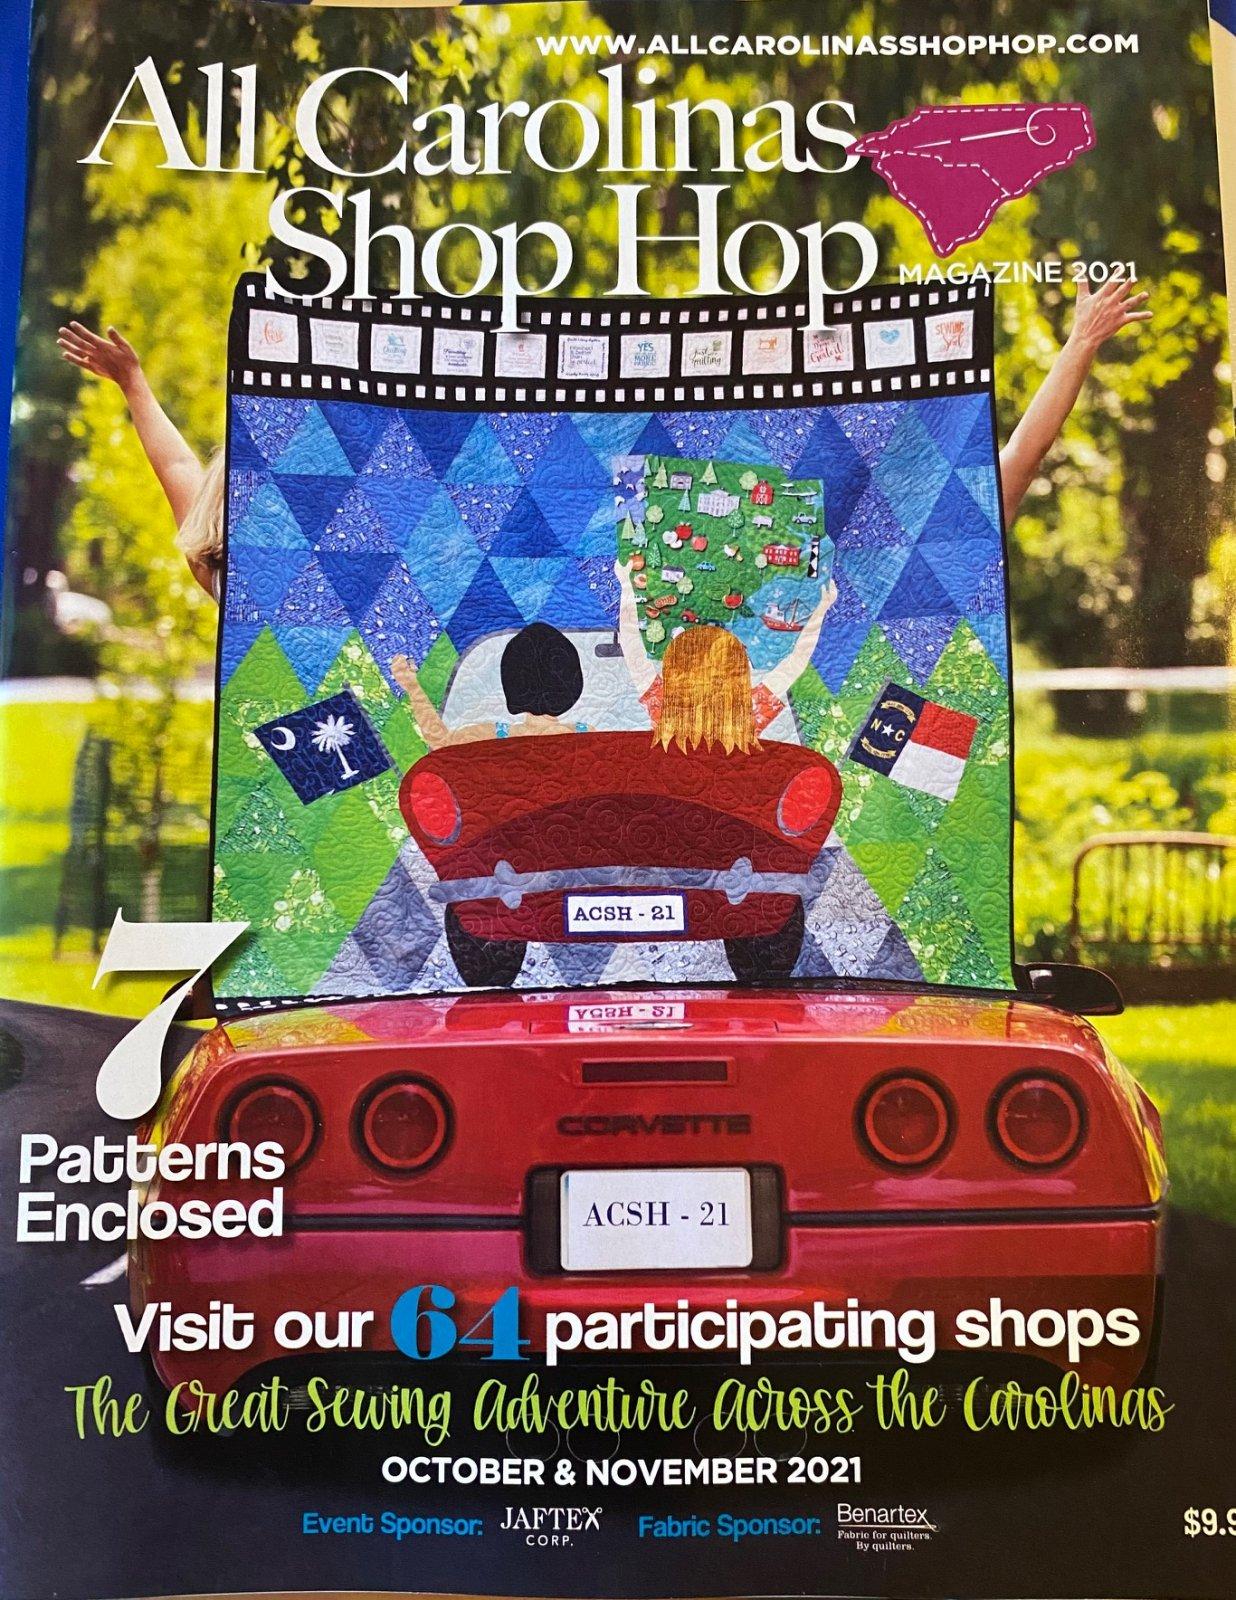 Shop Hop All Carolinas Magazine 2021